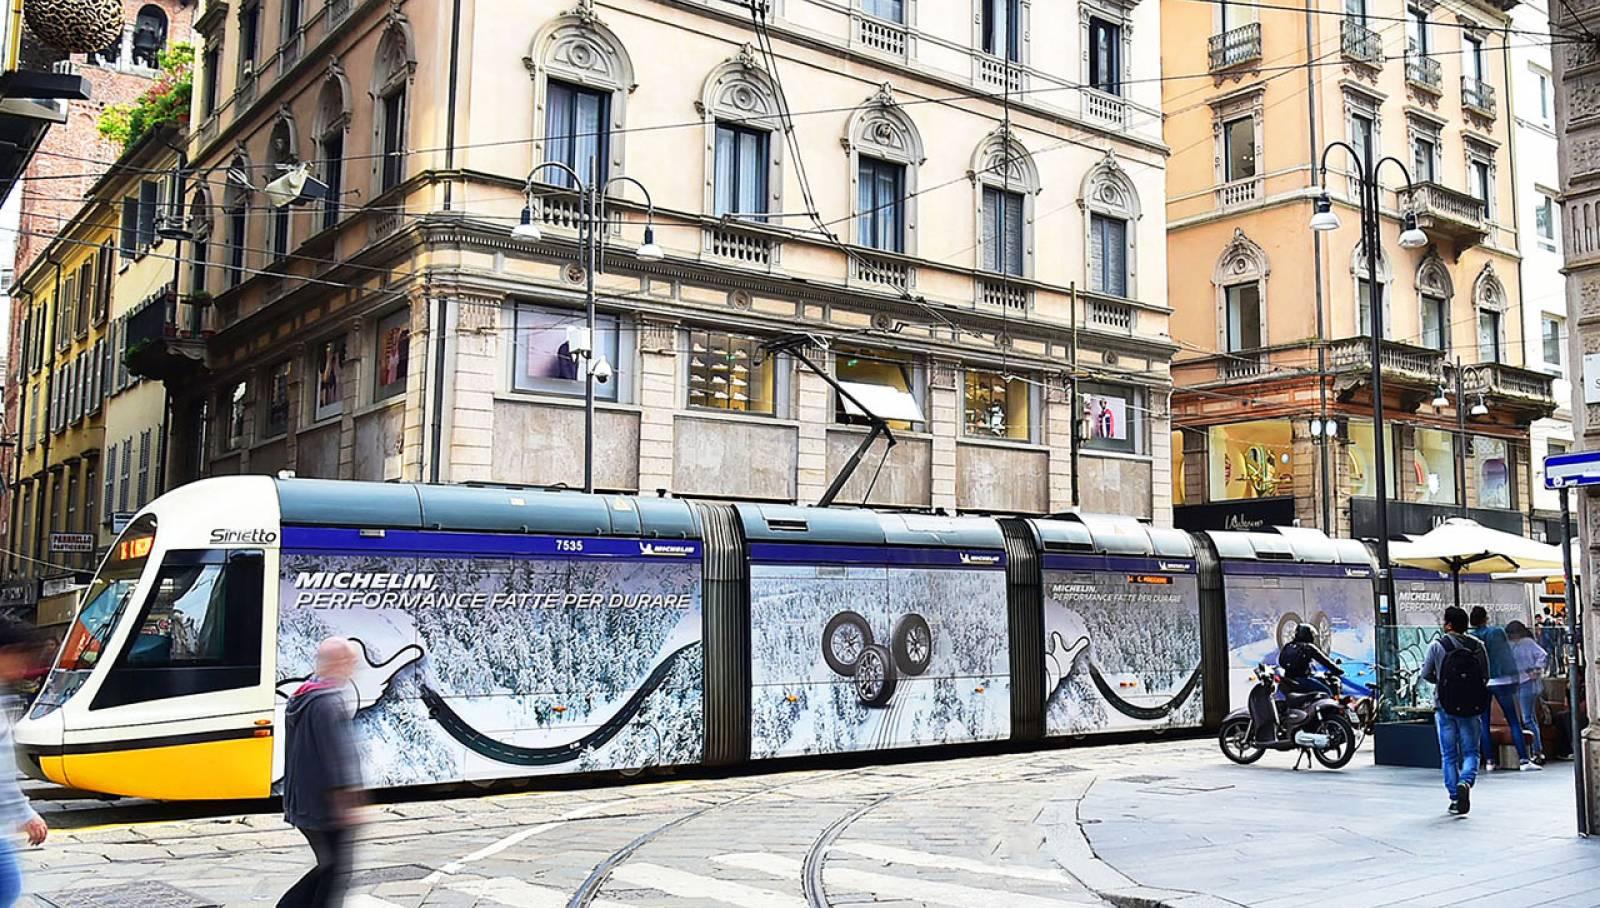 Pubblicità sui tram milanesi IGPDecaux Full-Wrap a Milano per Michelin